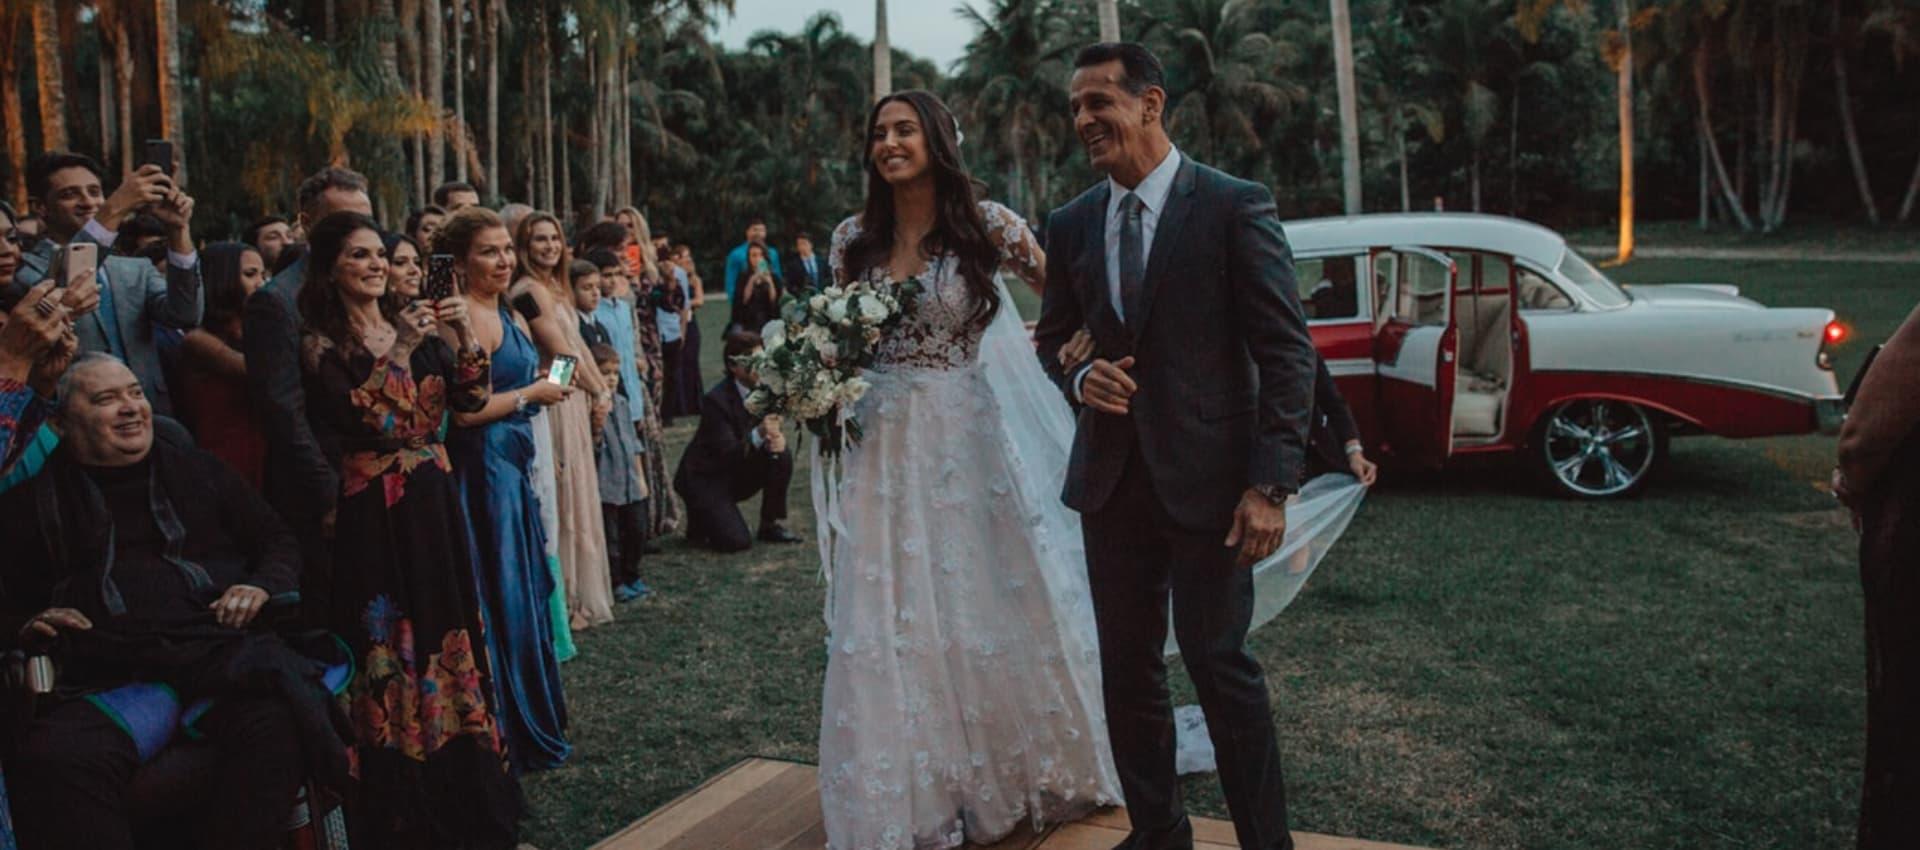 cuanto cuesta alquilar un autobus para una boda